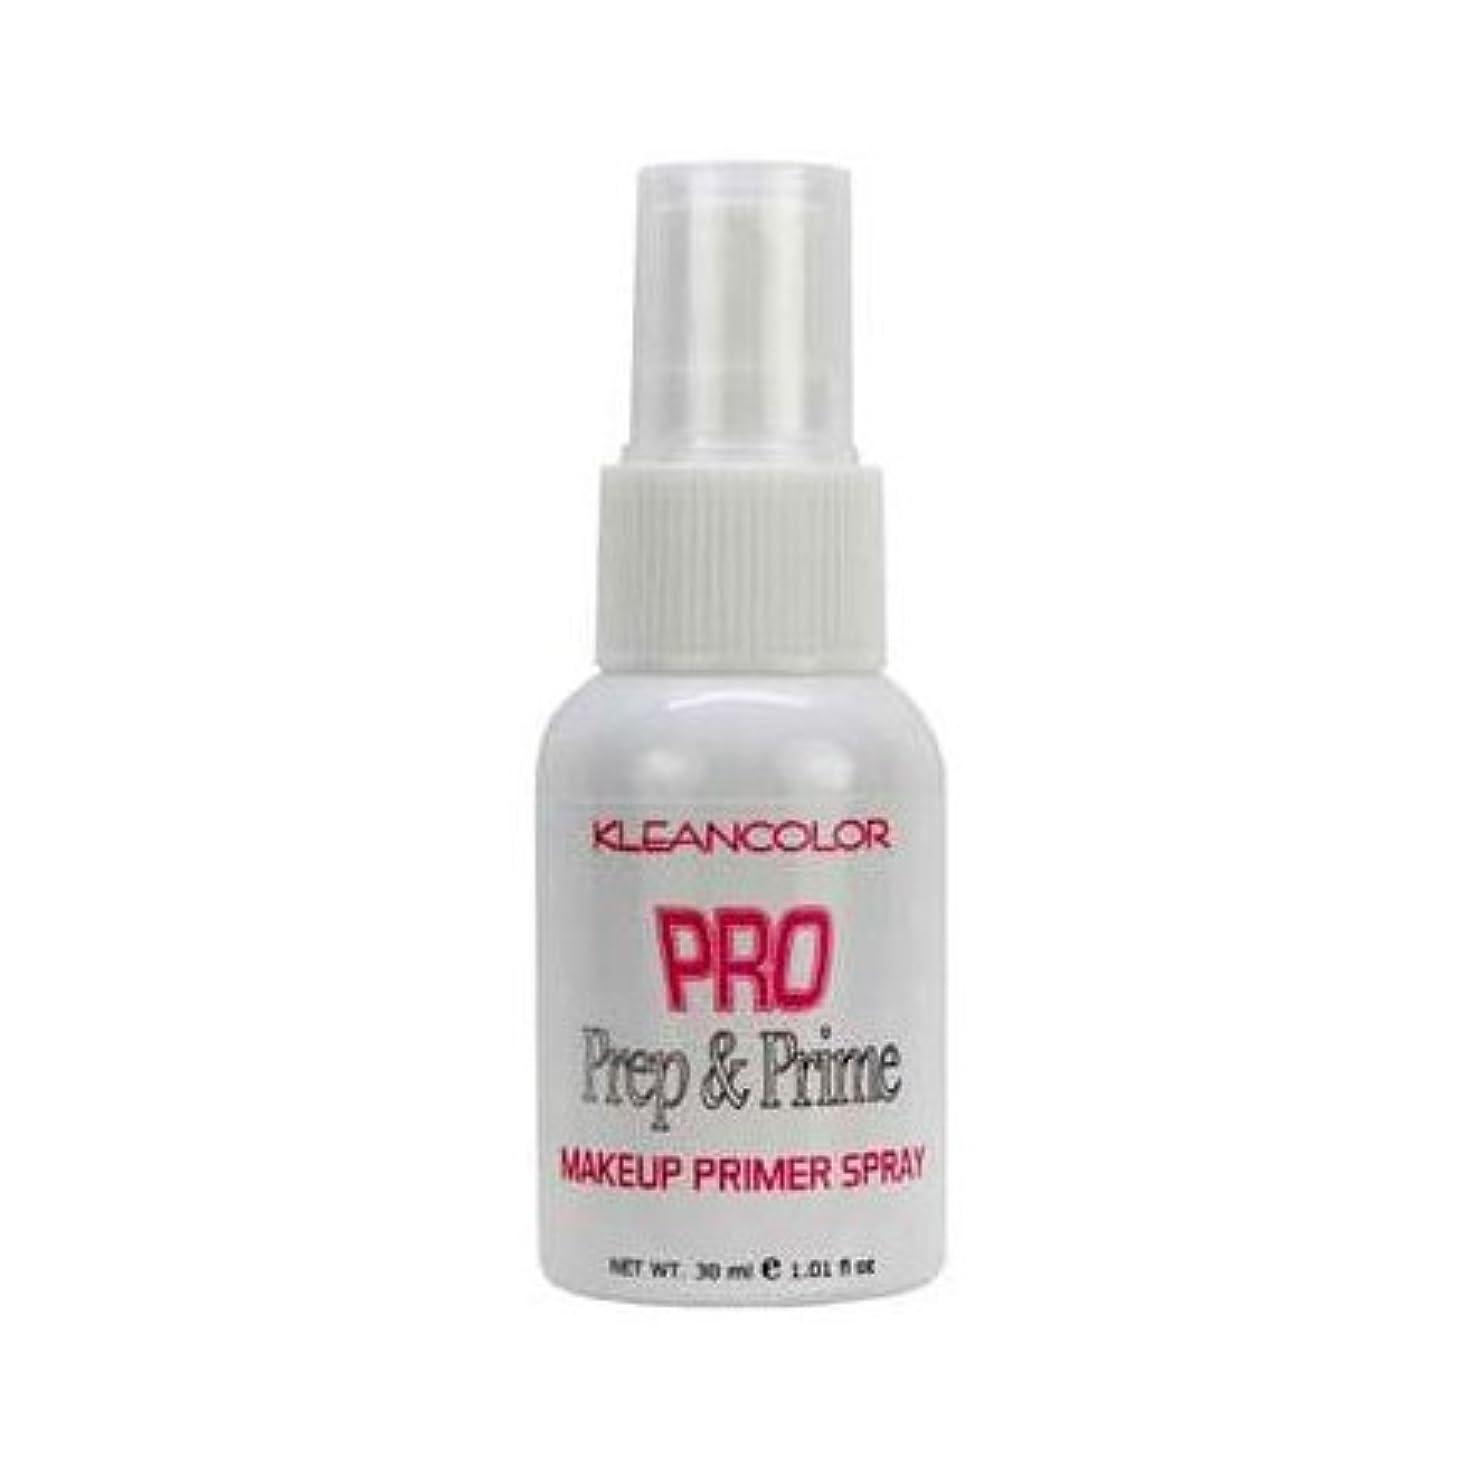 マニフェスト立派な過敏な(6 Pack) KLEANCOLOR Pro Prep and Prime - Makeup Primer Spray (並行輸入品)